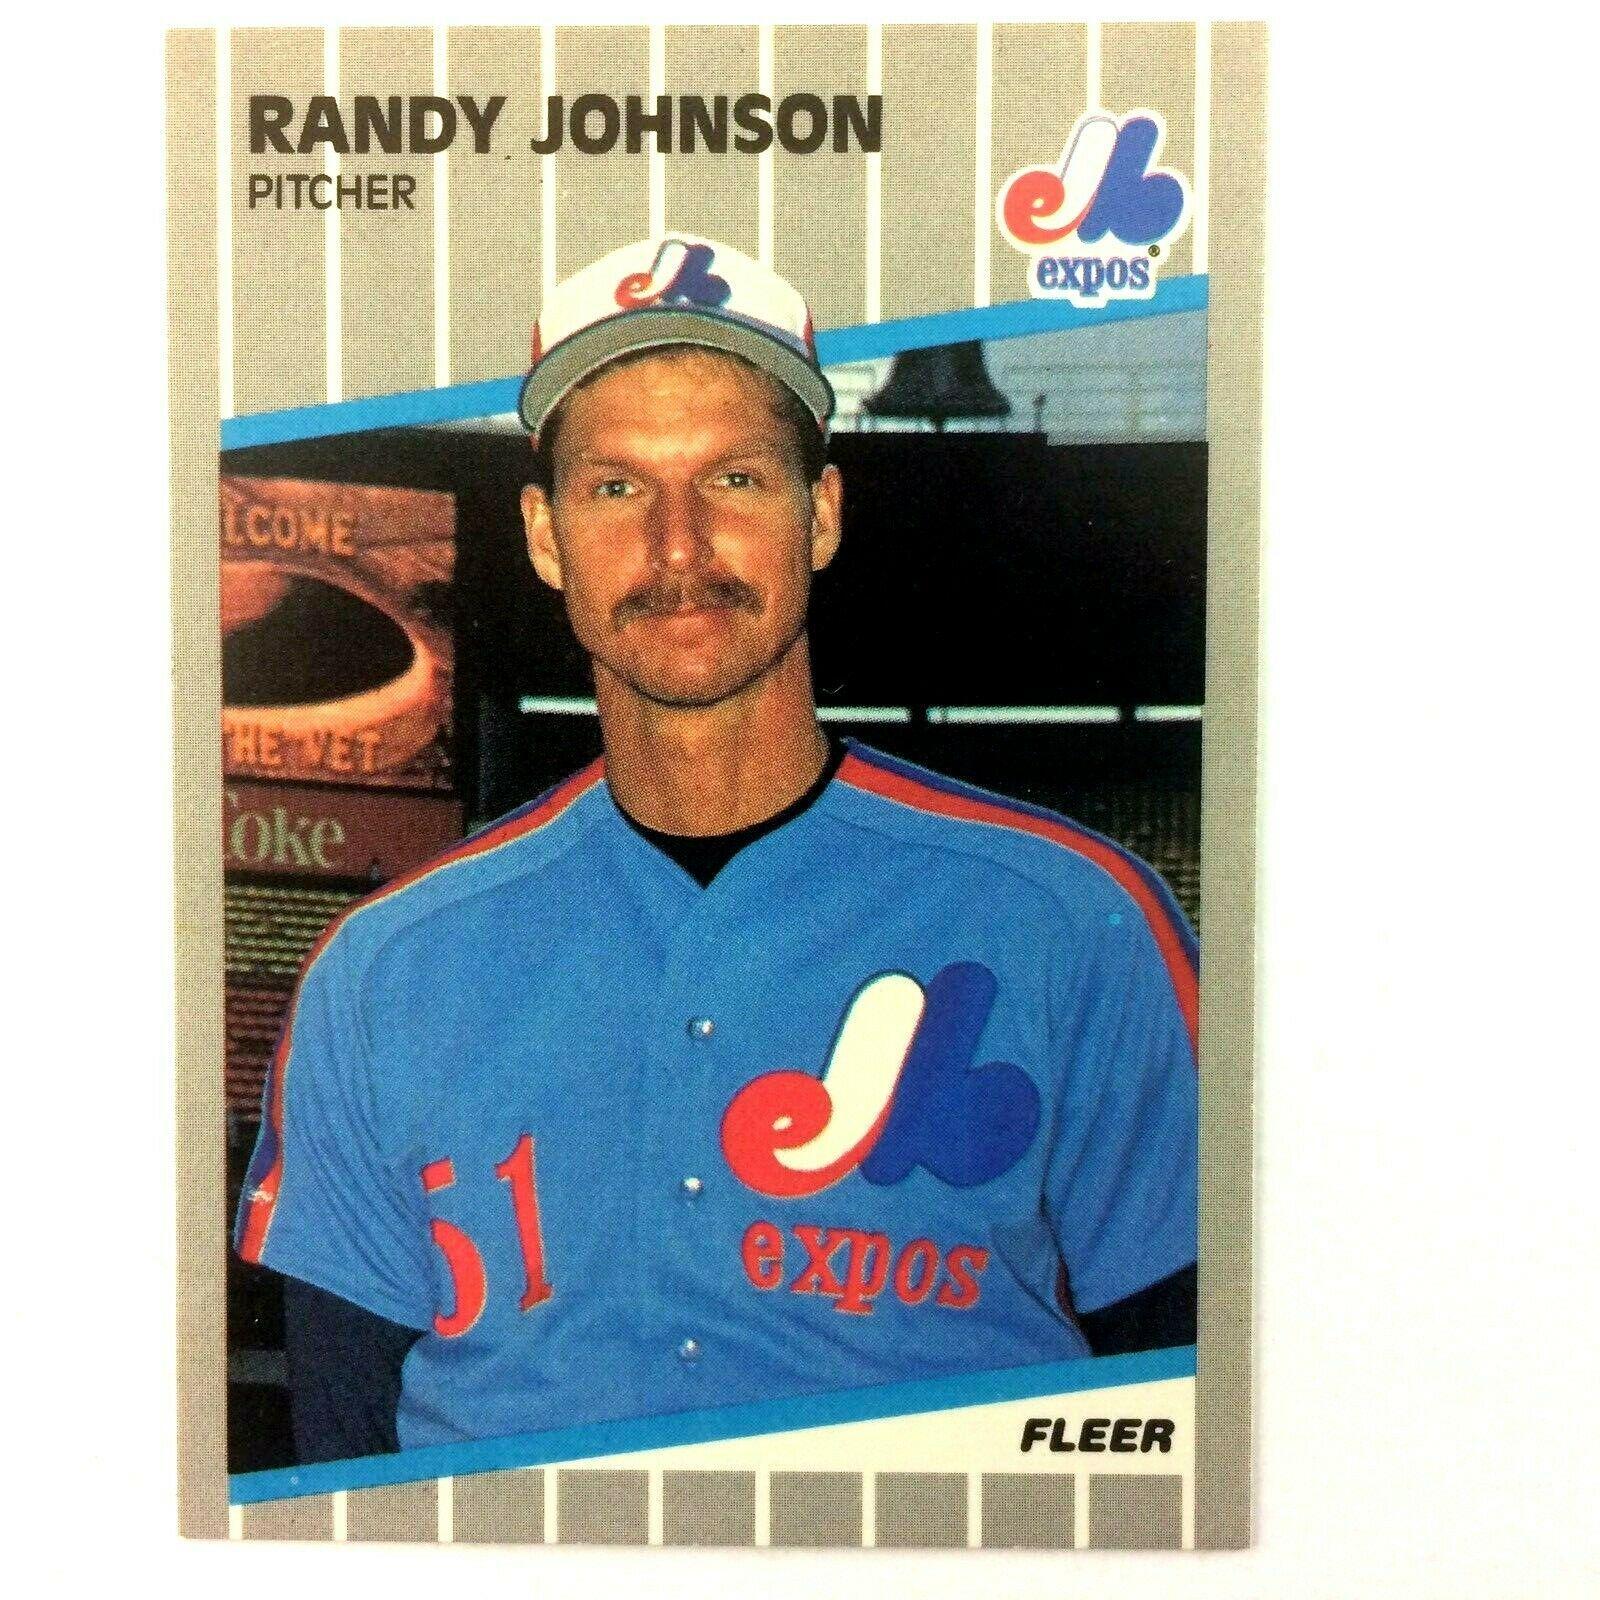 Randy Johnson 1989 Fleer Rookie Card #381 MLB HOF Montreal Expos - $2.92